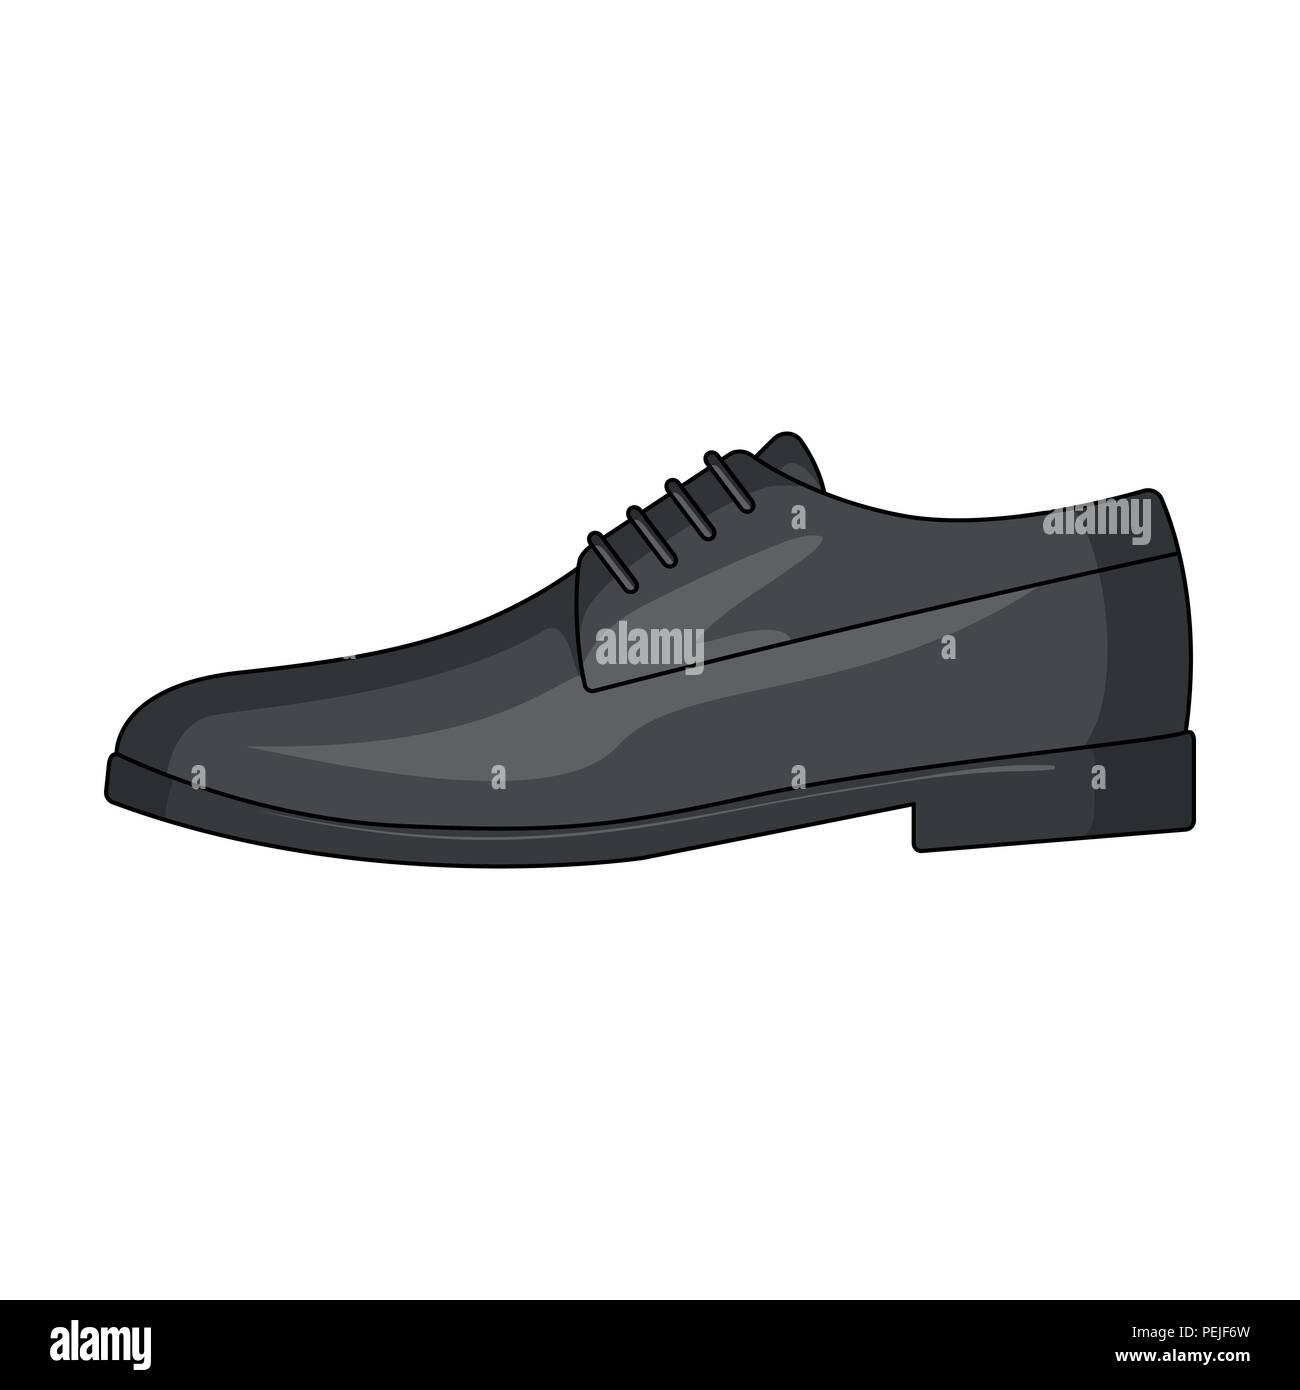 89918bb9939 Mens brillante cuero zapatos con cordones. Zapatos para llevar con un  traje.zapatillas diferentes único icono en el estilo de dibujos animados de  símbolos ...